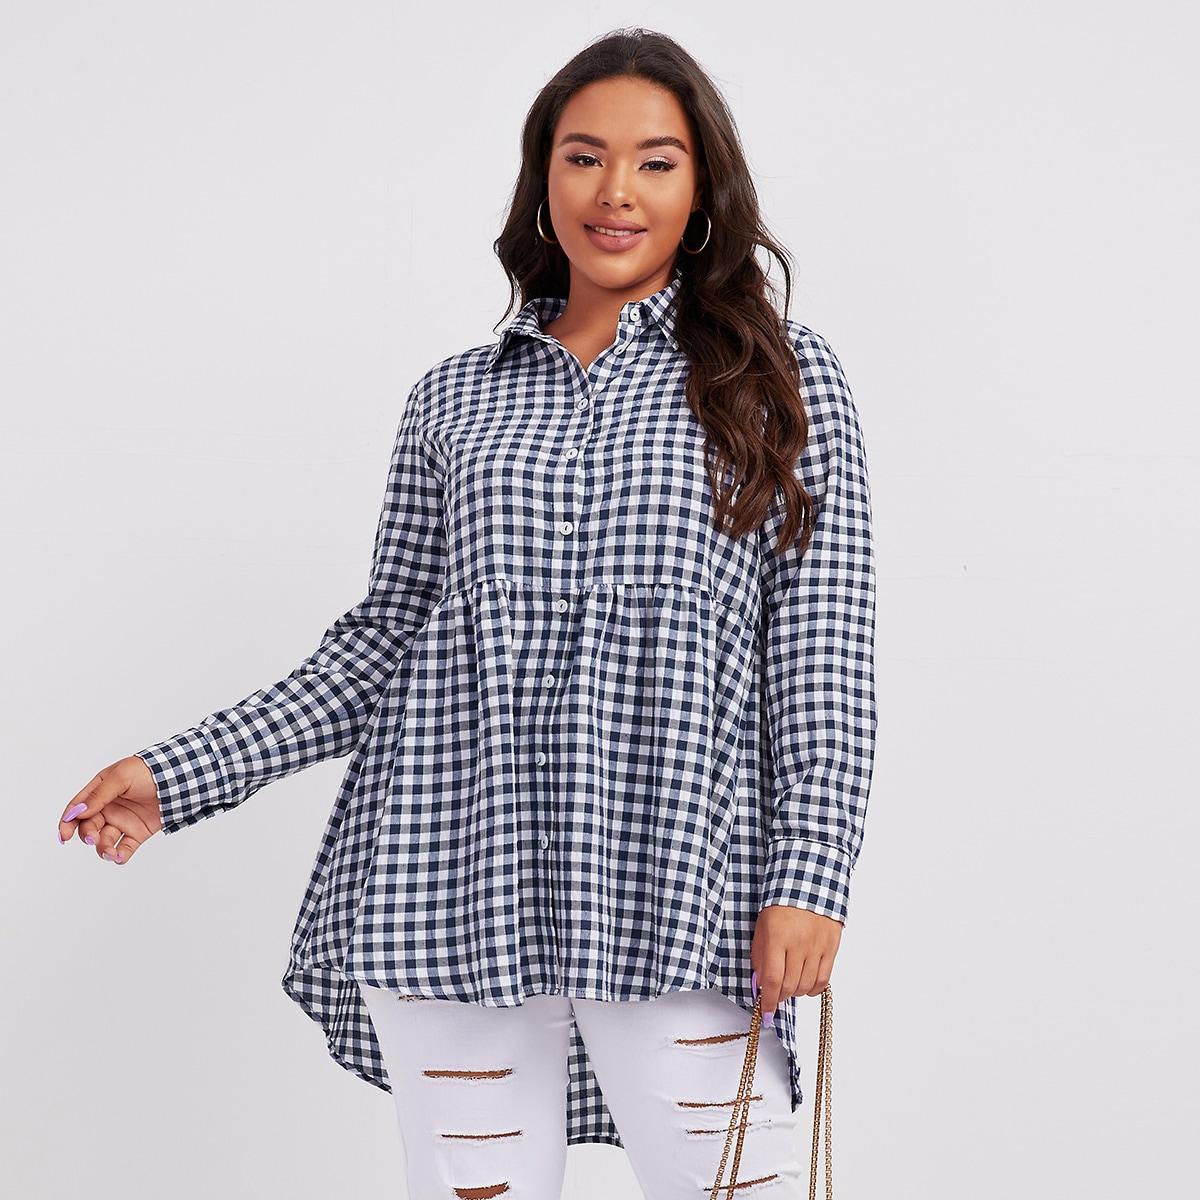 SHEIN / Bluse mit Knöpfen vorn, abfallendem Saum und Karo Muster